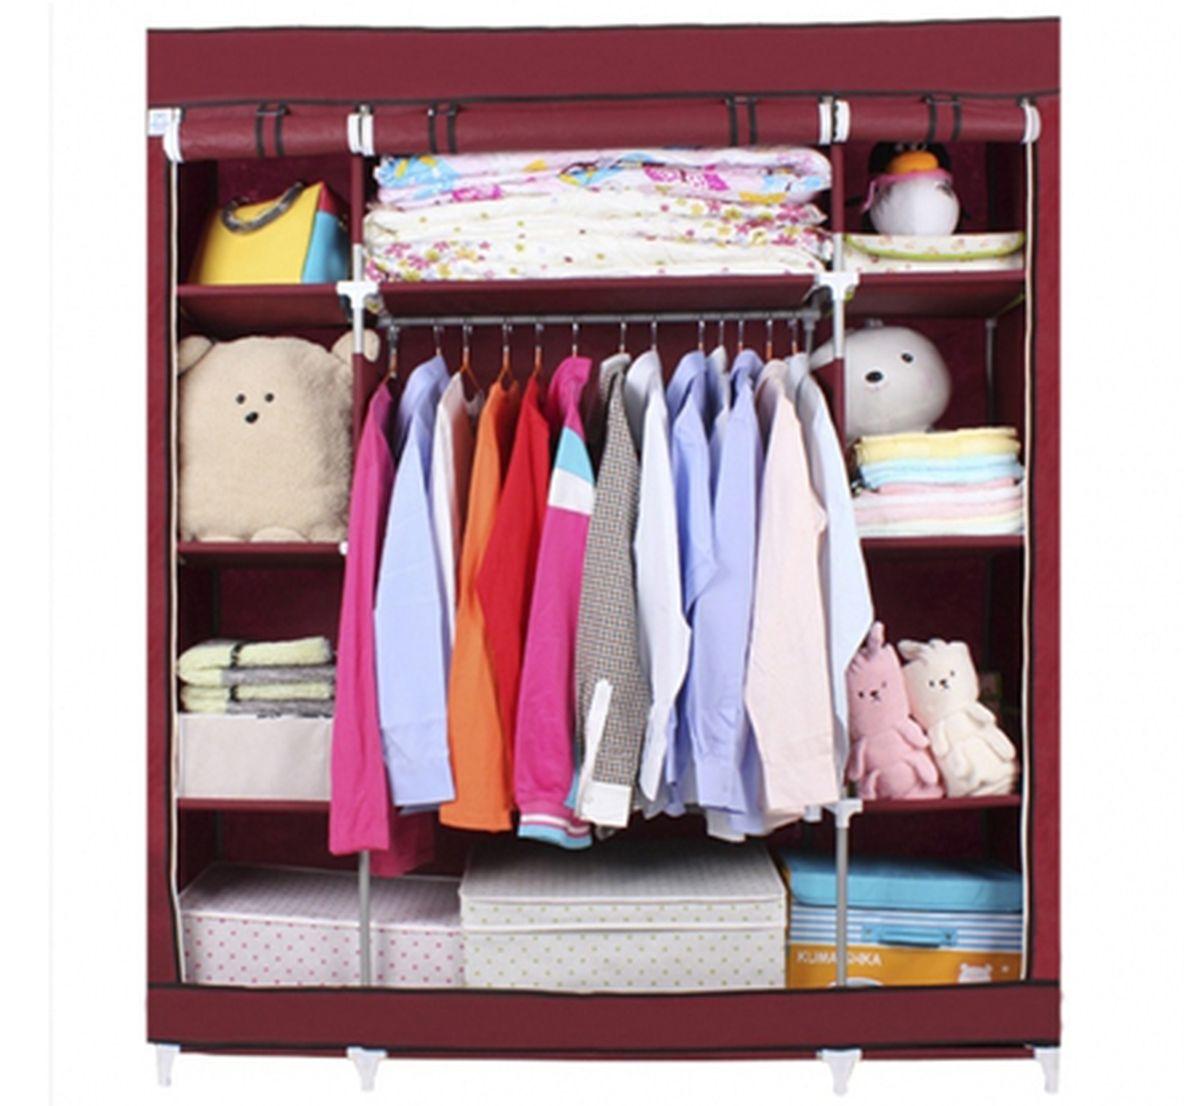 Шкаф Homsu Маджорити, цвет: бордовый, 140 x 50 x 175 смHOM-100Шкаф Homsu Маджорити выполнен из текстиля. Сборная конструкция такого шкафа состоит из металлических деталей каркаса, обтянутых сверху прочной и легкой тканью. Этот шкаф предназначен в создании полноценного порядка. Изделие имеет 8 полок для складывания одежды 35 х 50 см и один большой 70 х 50 см отделениями, а также отделению для подвешивания одежды высотой 120 см и шириной 70 см. Кроме своей большой практичной пользы, данный мебельный предмет также сможет очень выгодно дополнить имеющийся интерьер в помещении. Верхняя тканевая обивка, при этом, всегда может быть легко и быстро снята, если ее необходимо будет постирать или заменить.